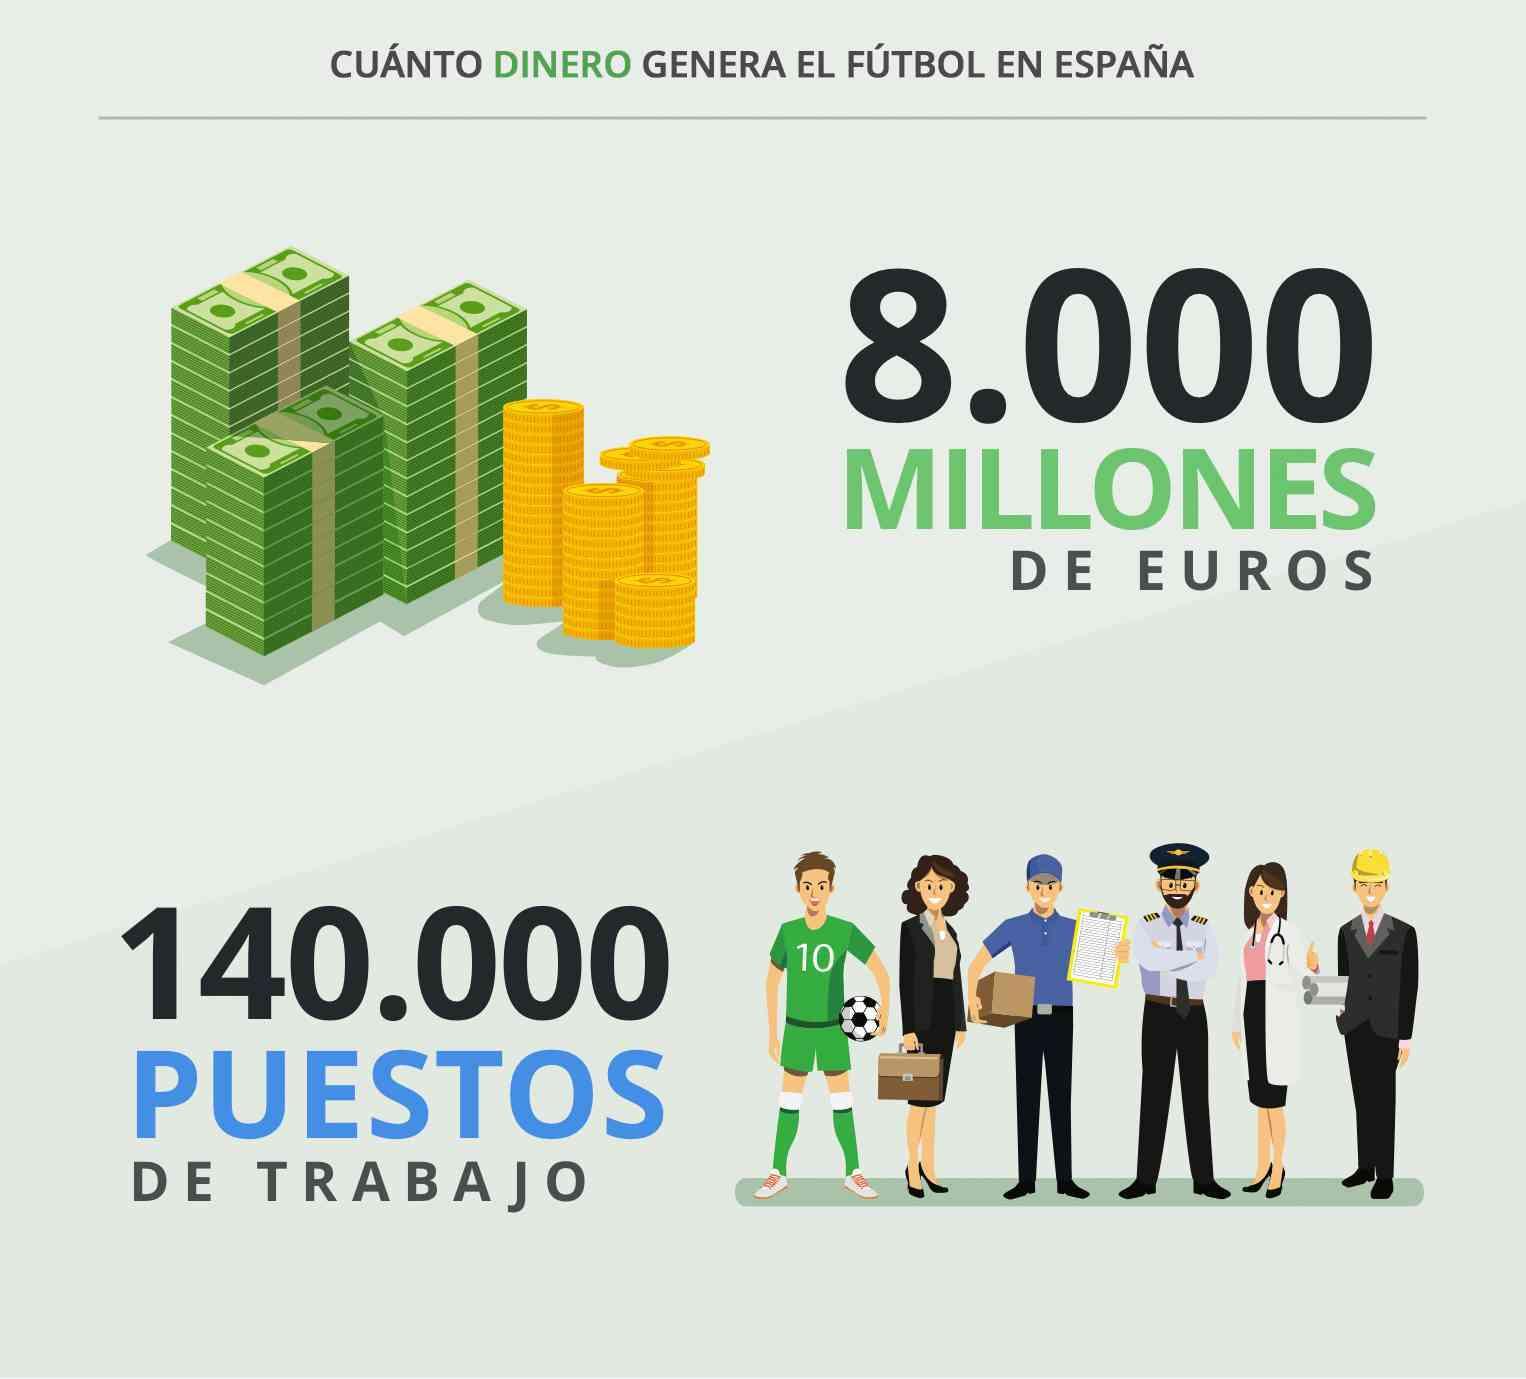 Los españoles gastan 3.000 euros al año en fútbol 1